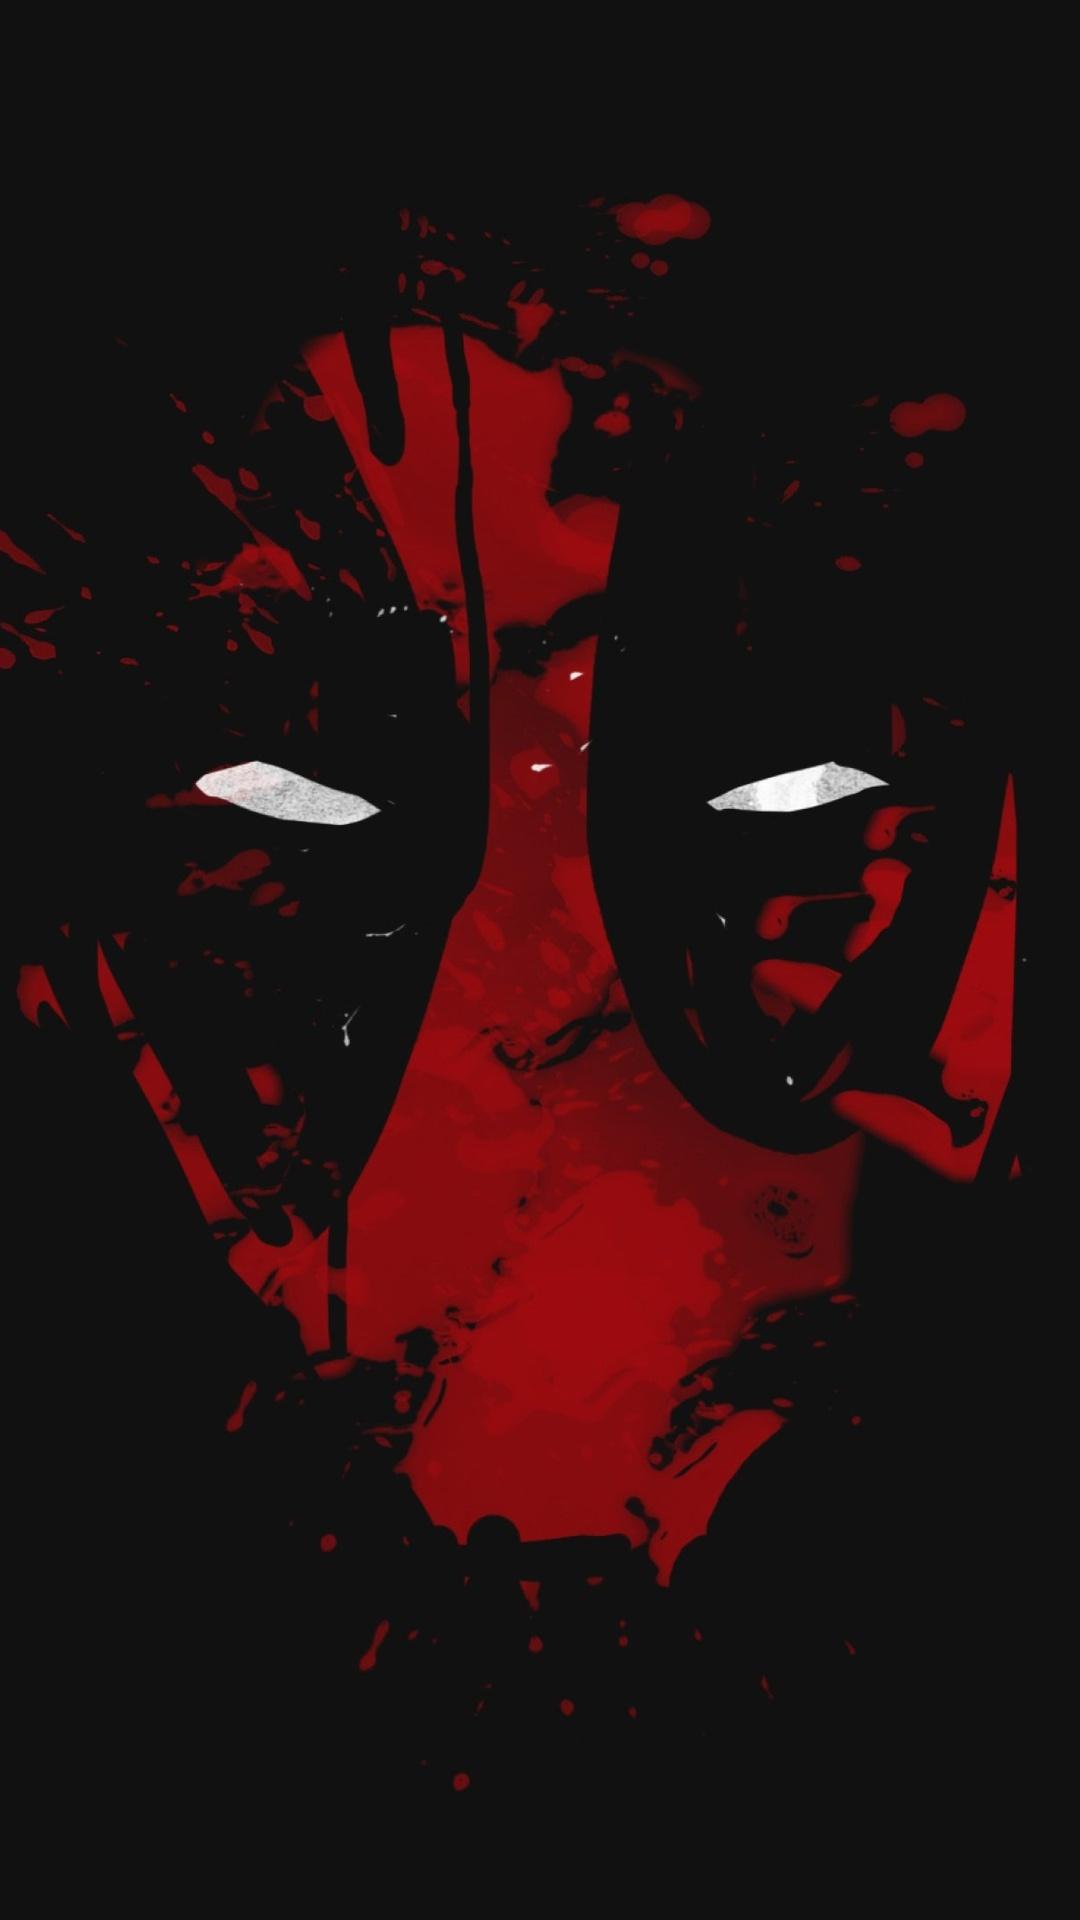 Deadpool Abstract 4k 80